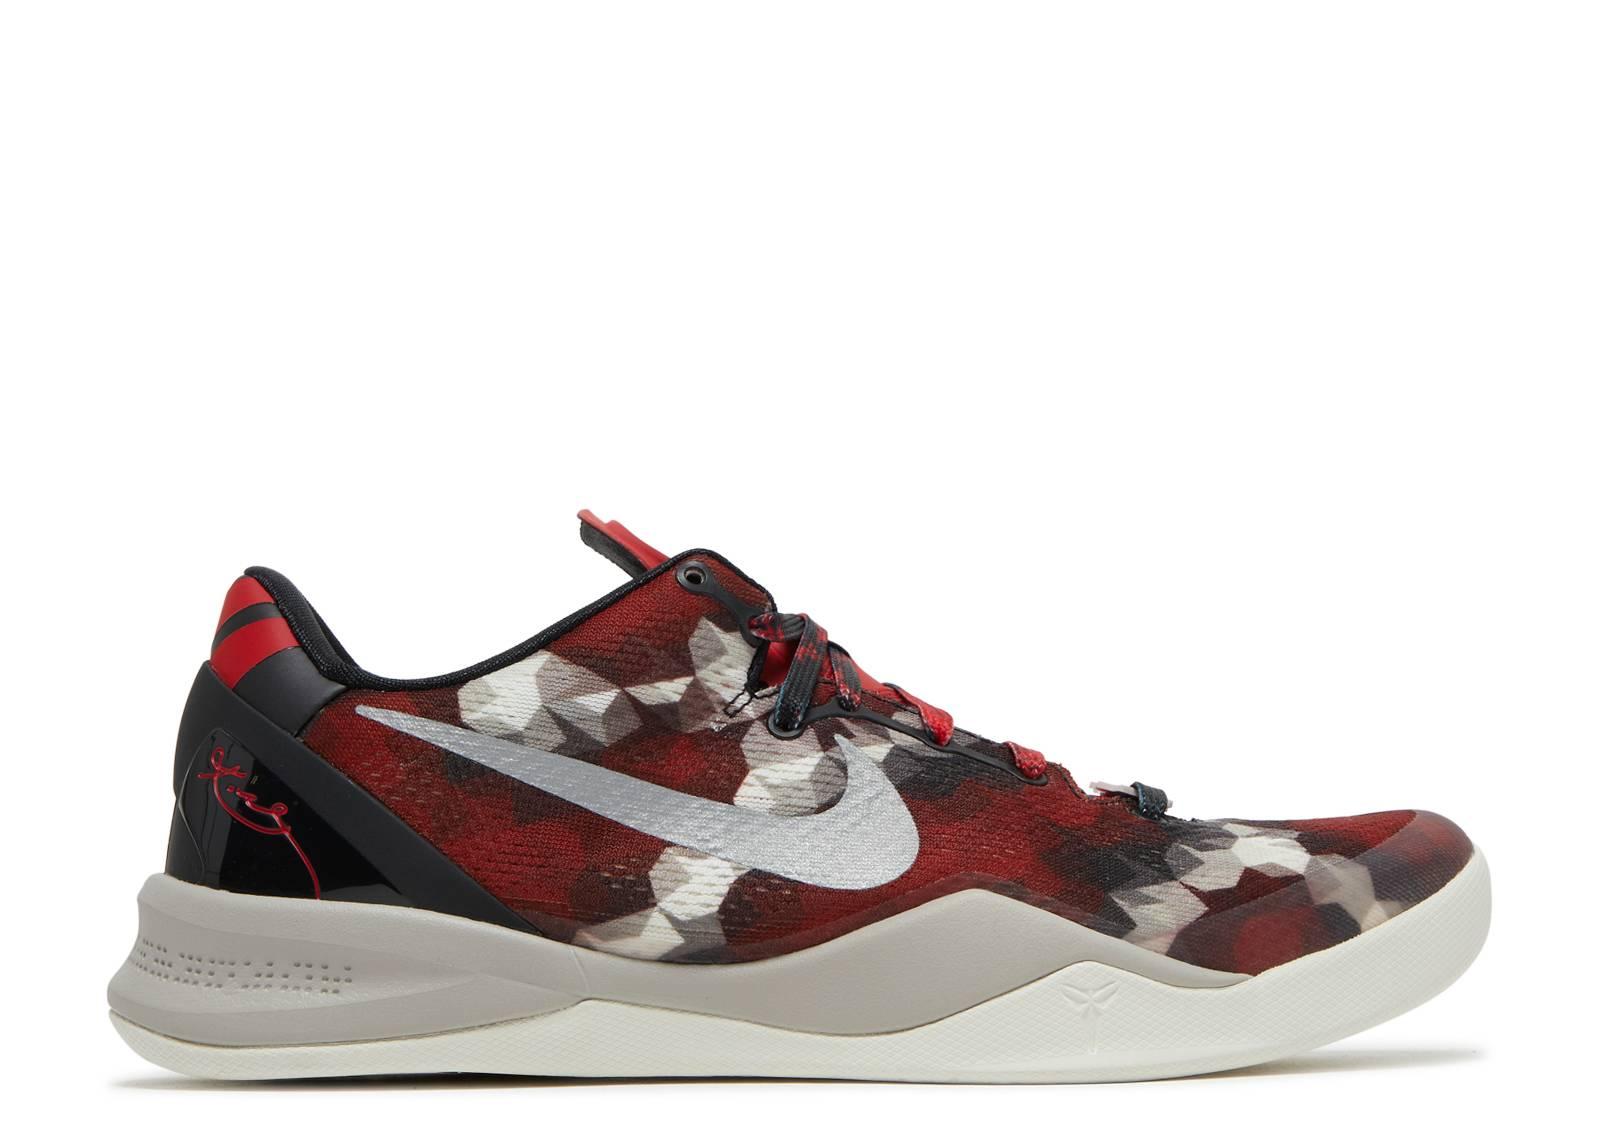 126b9f5090f6 Kobe Bryant - Nike Basketball - Nike